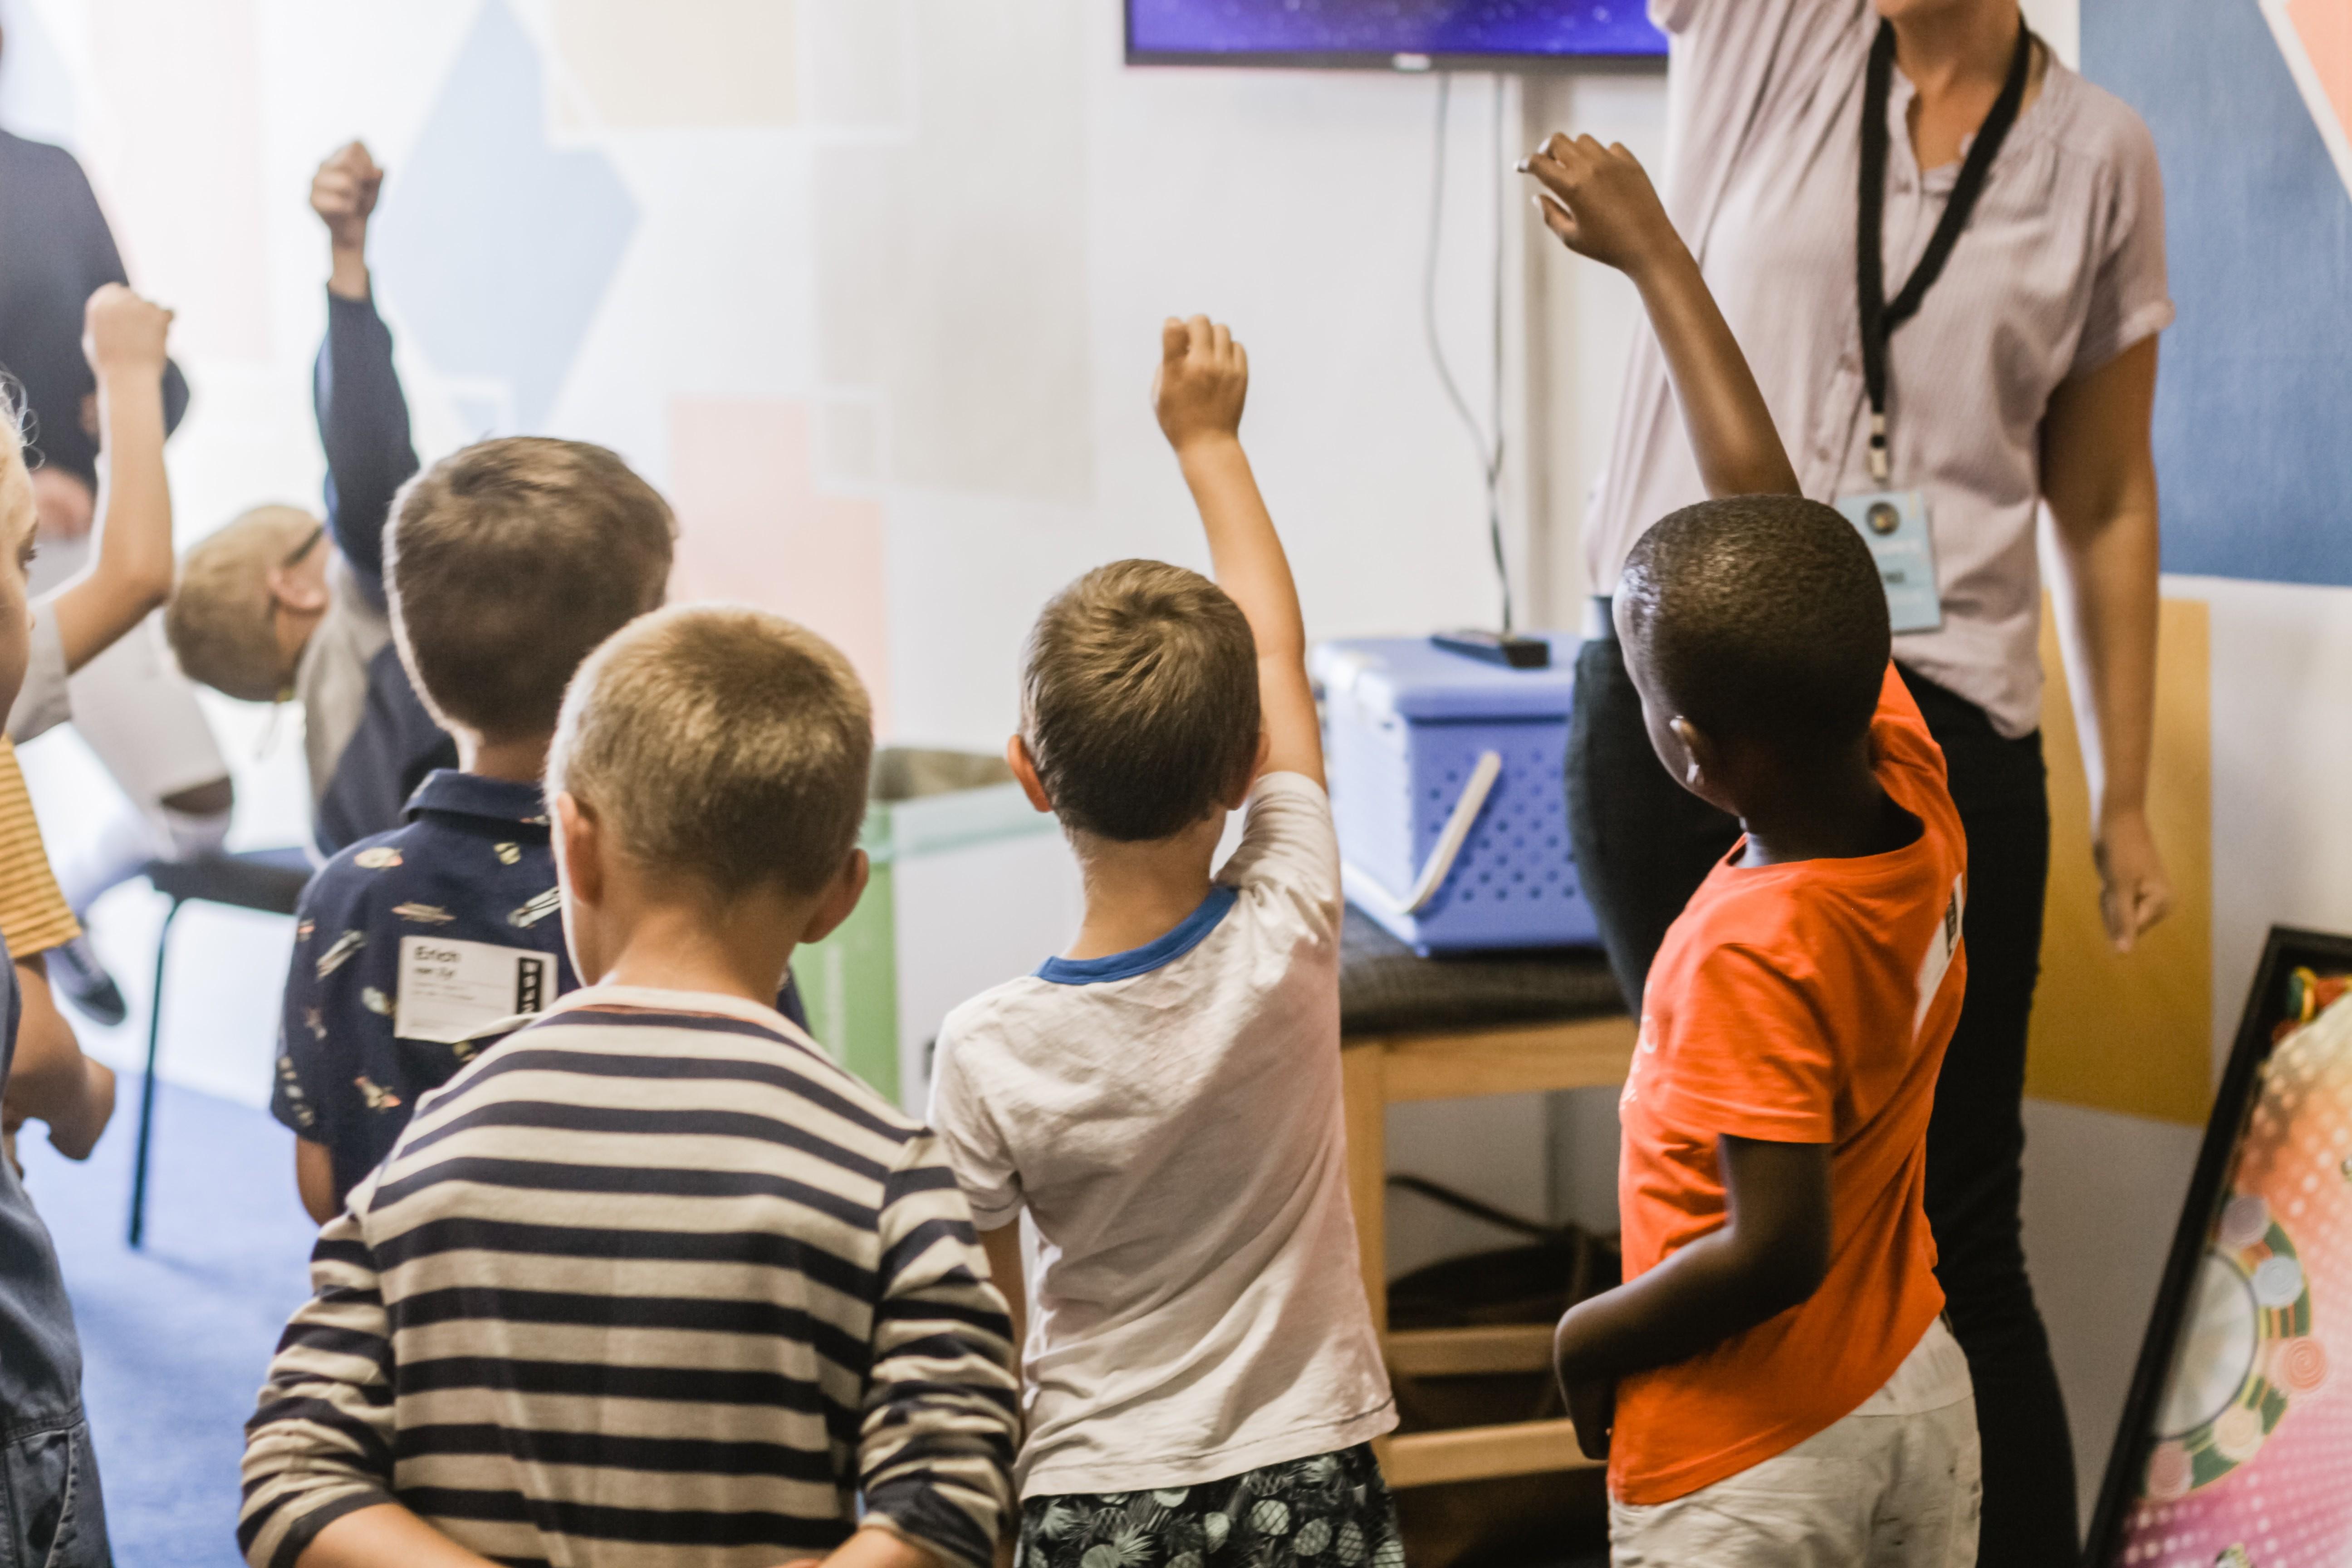 Uso excessivo de tecnologia pode afetar capacidade das crianças de escrever, avaliam professores - Notícias - Plantão Diário